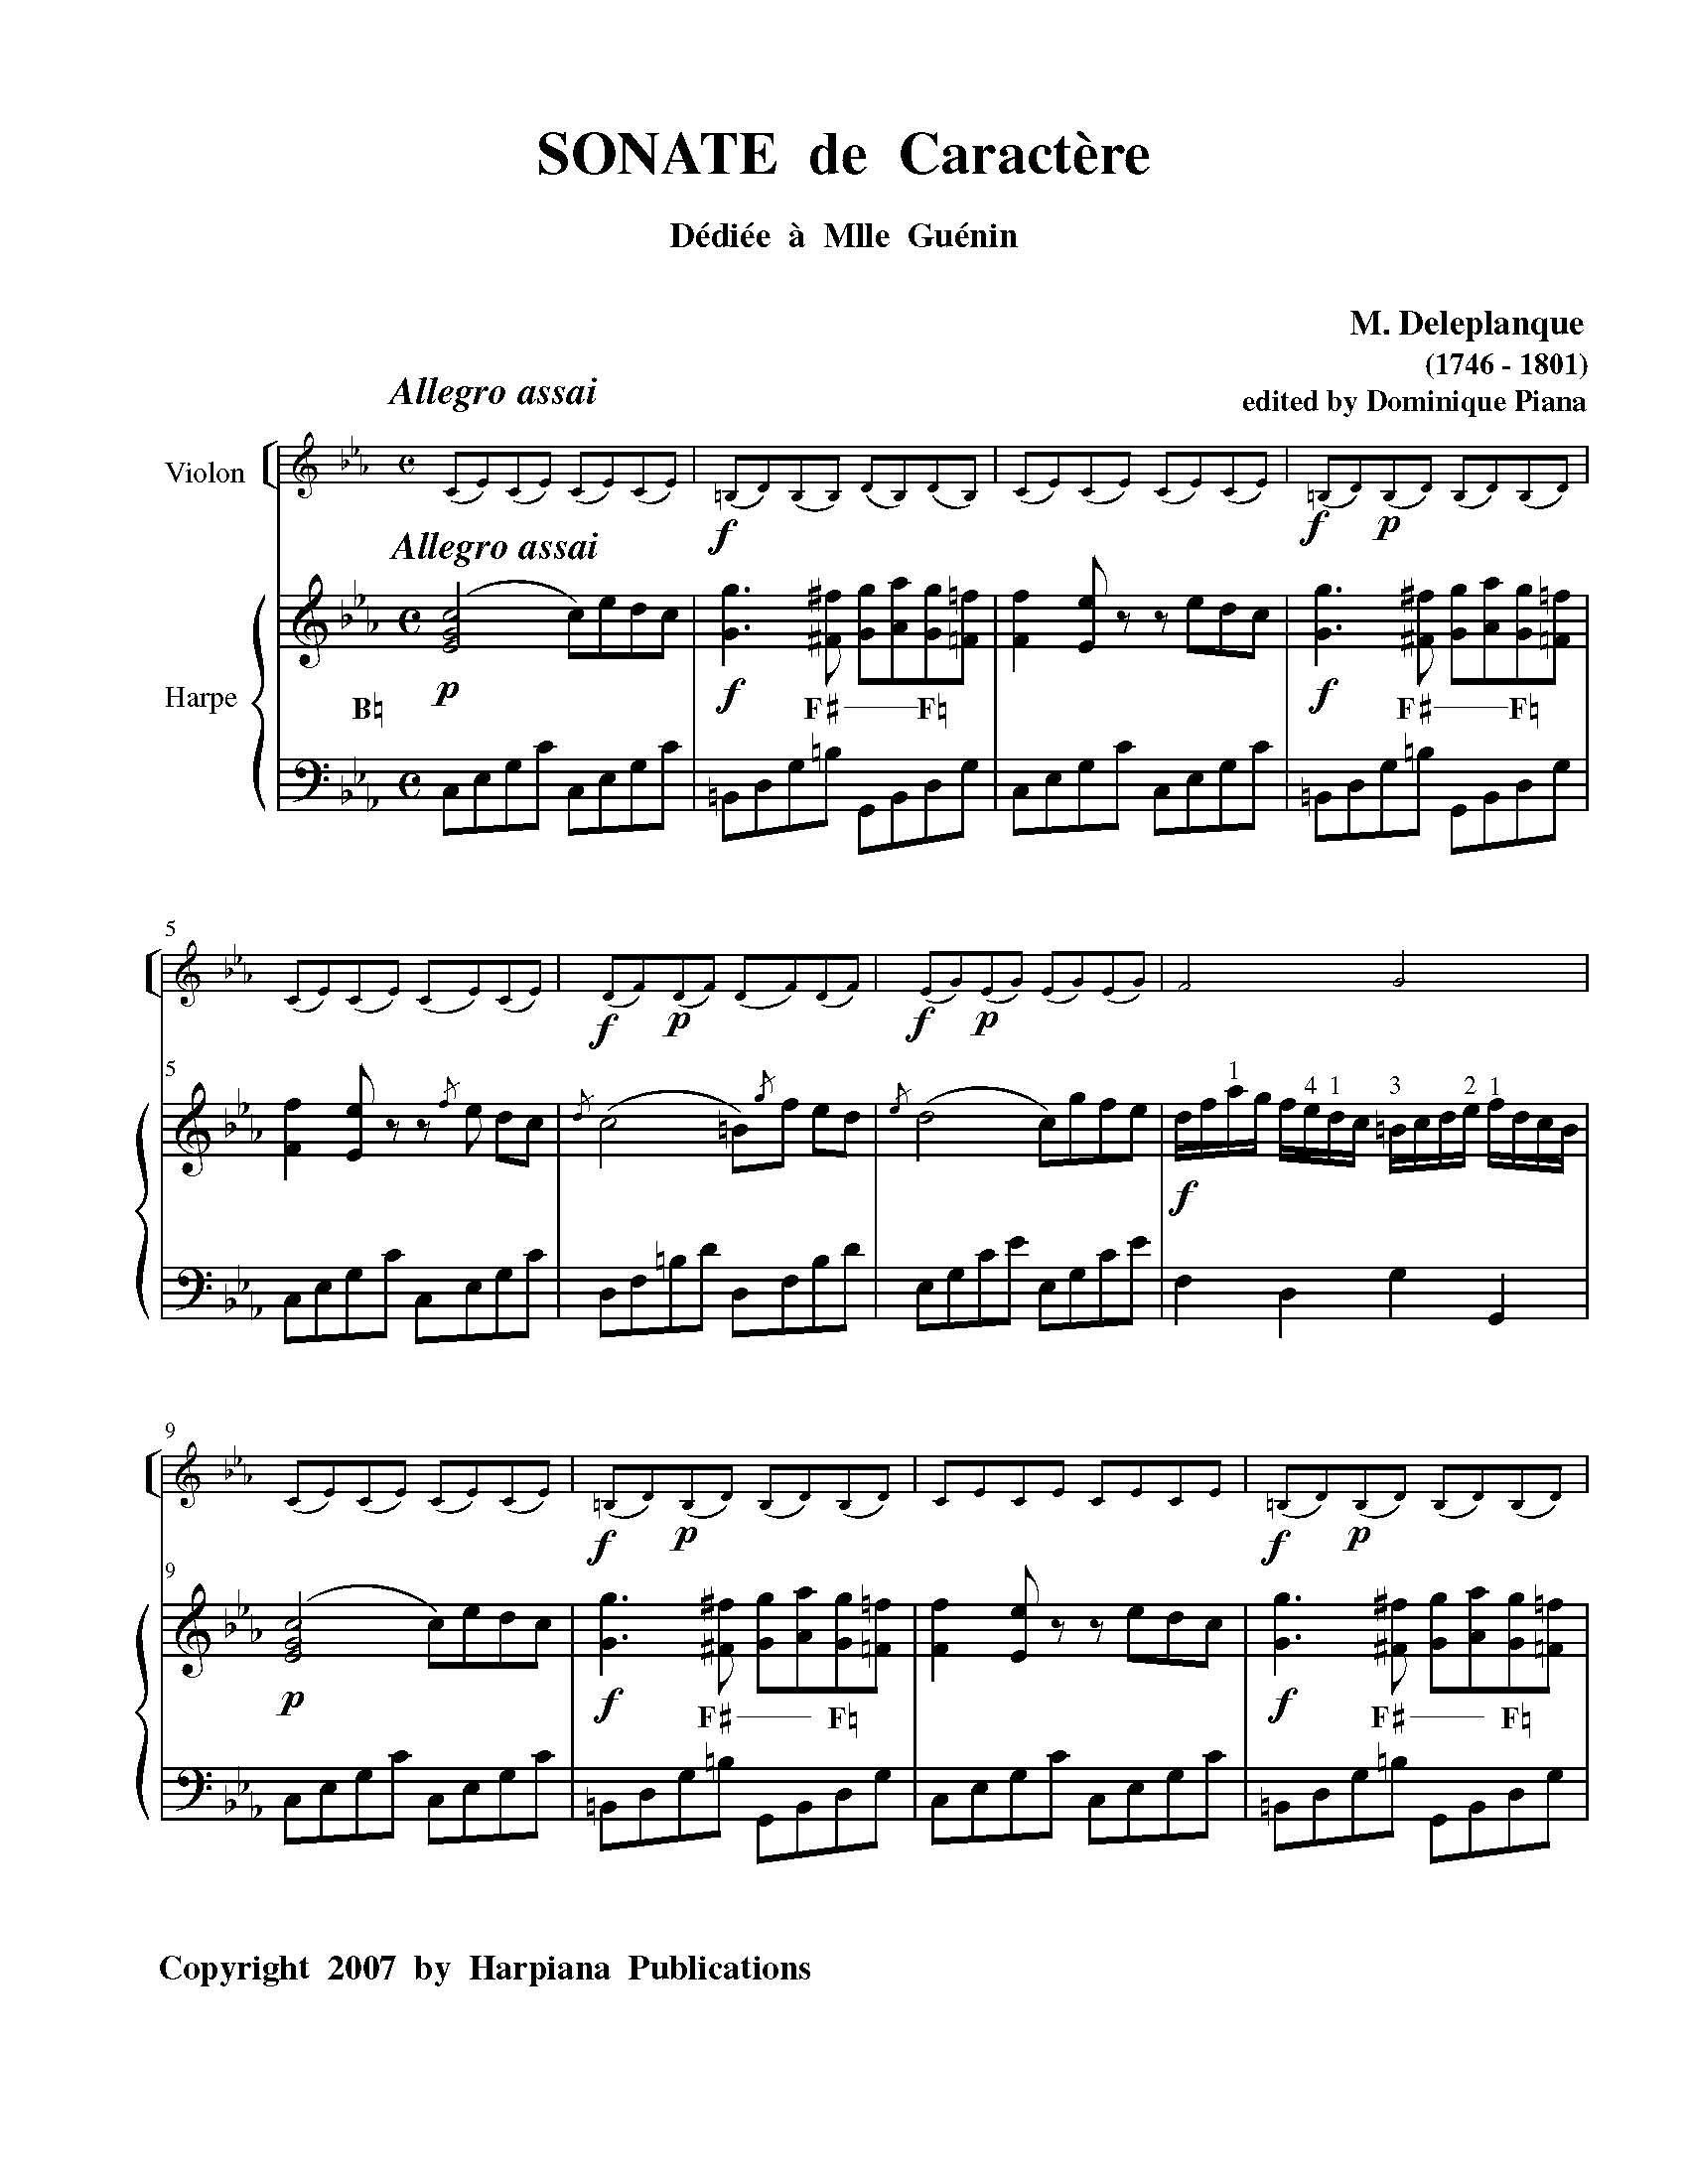 Deleplanque-Sonate-score